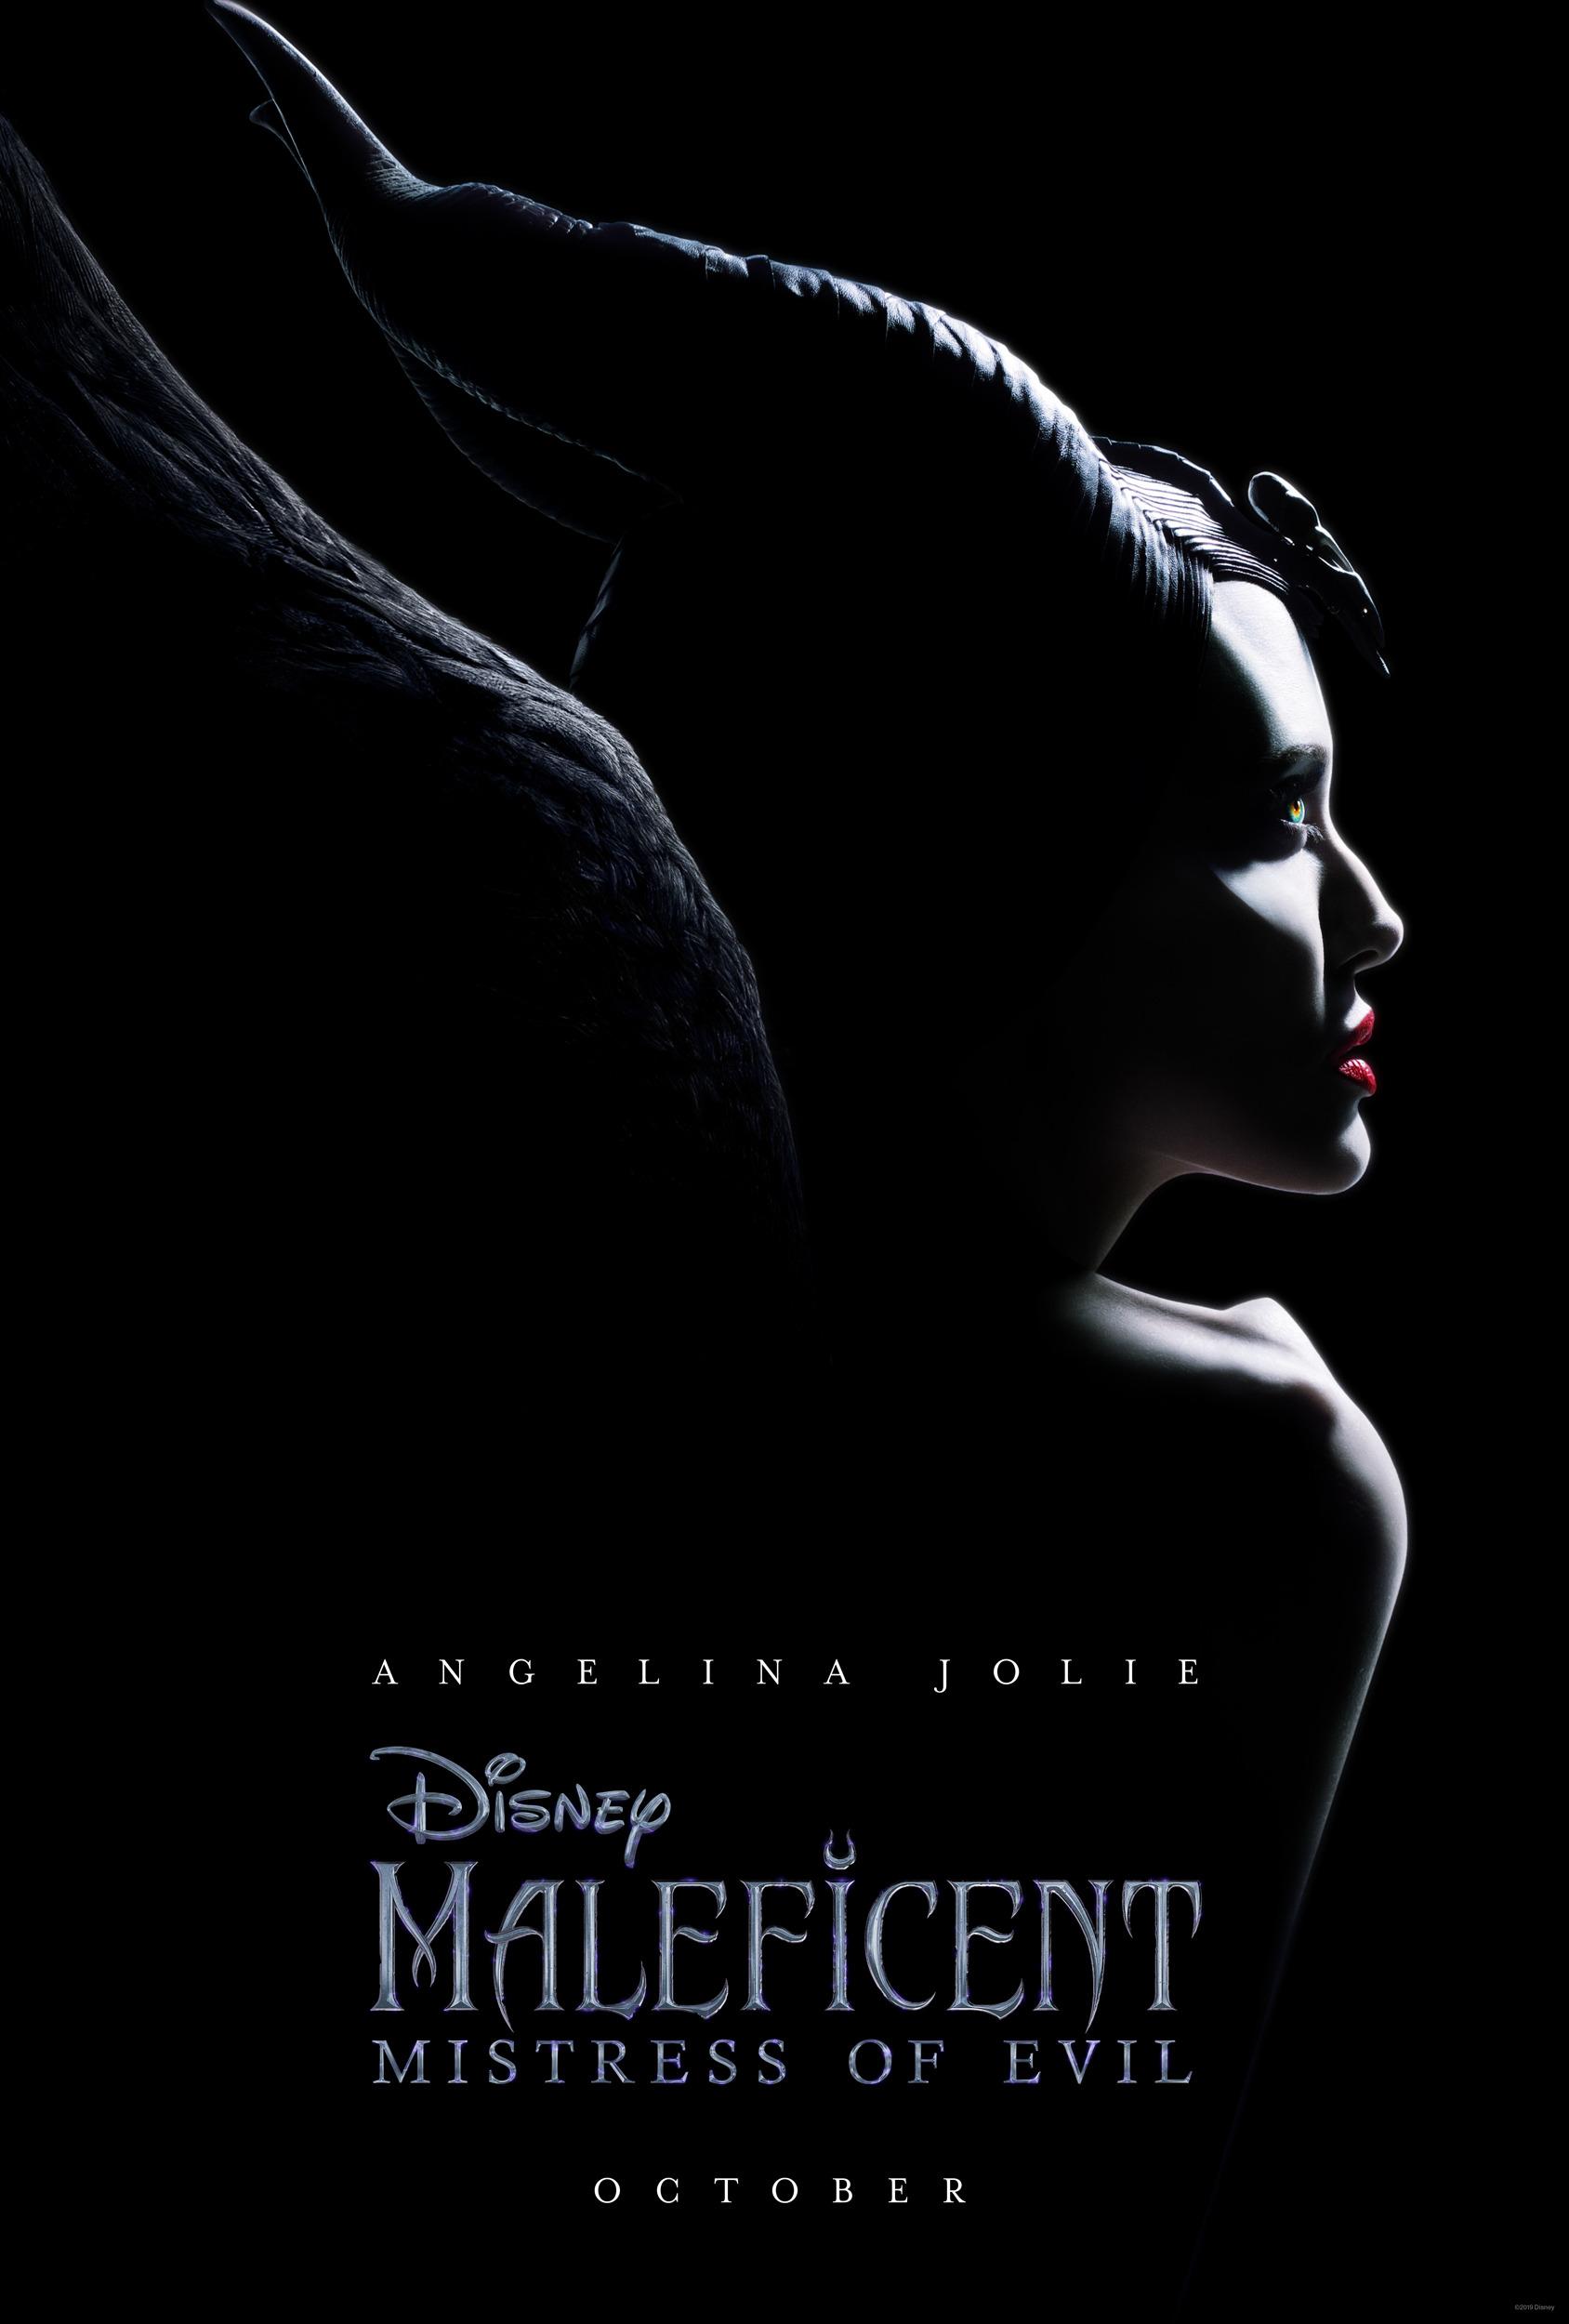 Affiche Poster maléfique pouvoir mal maleficent mistress evil disney